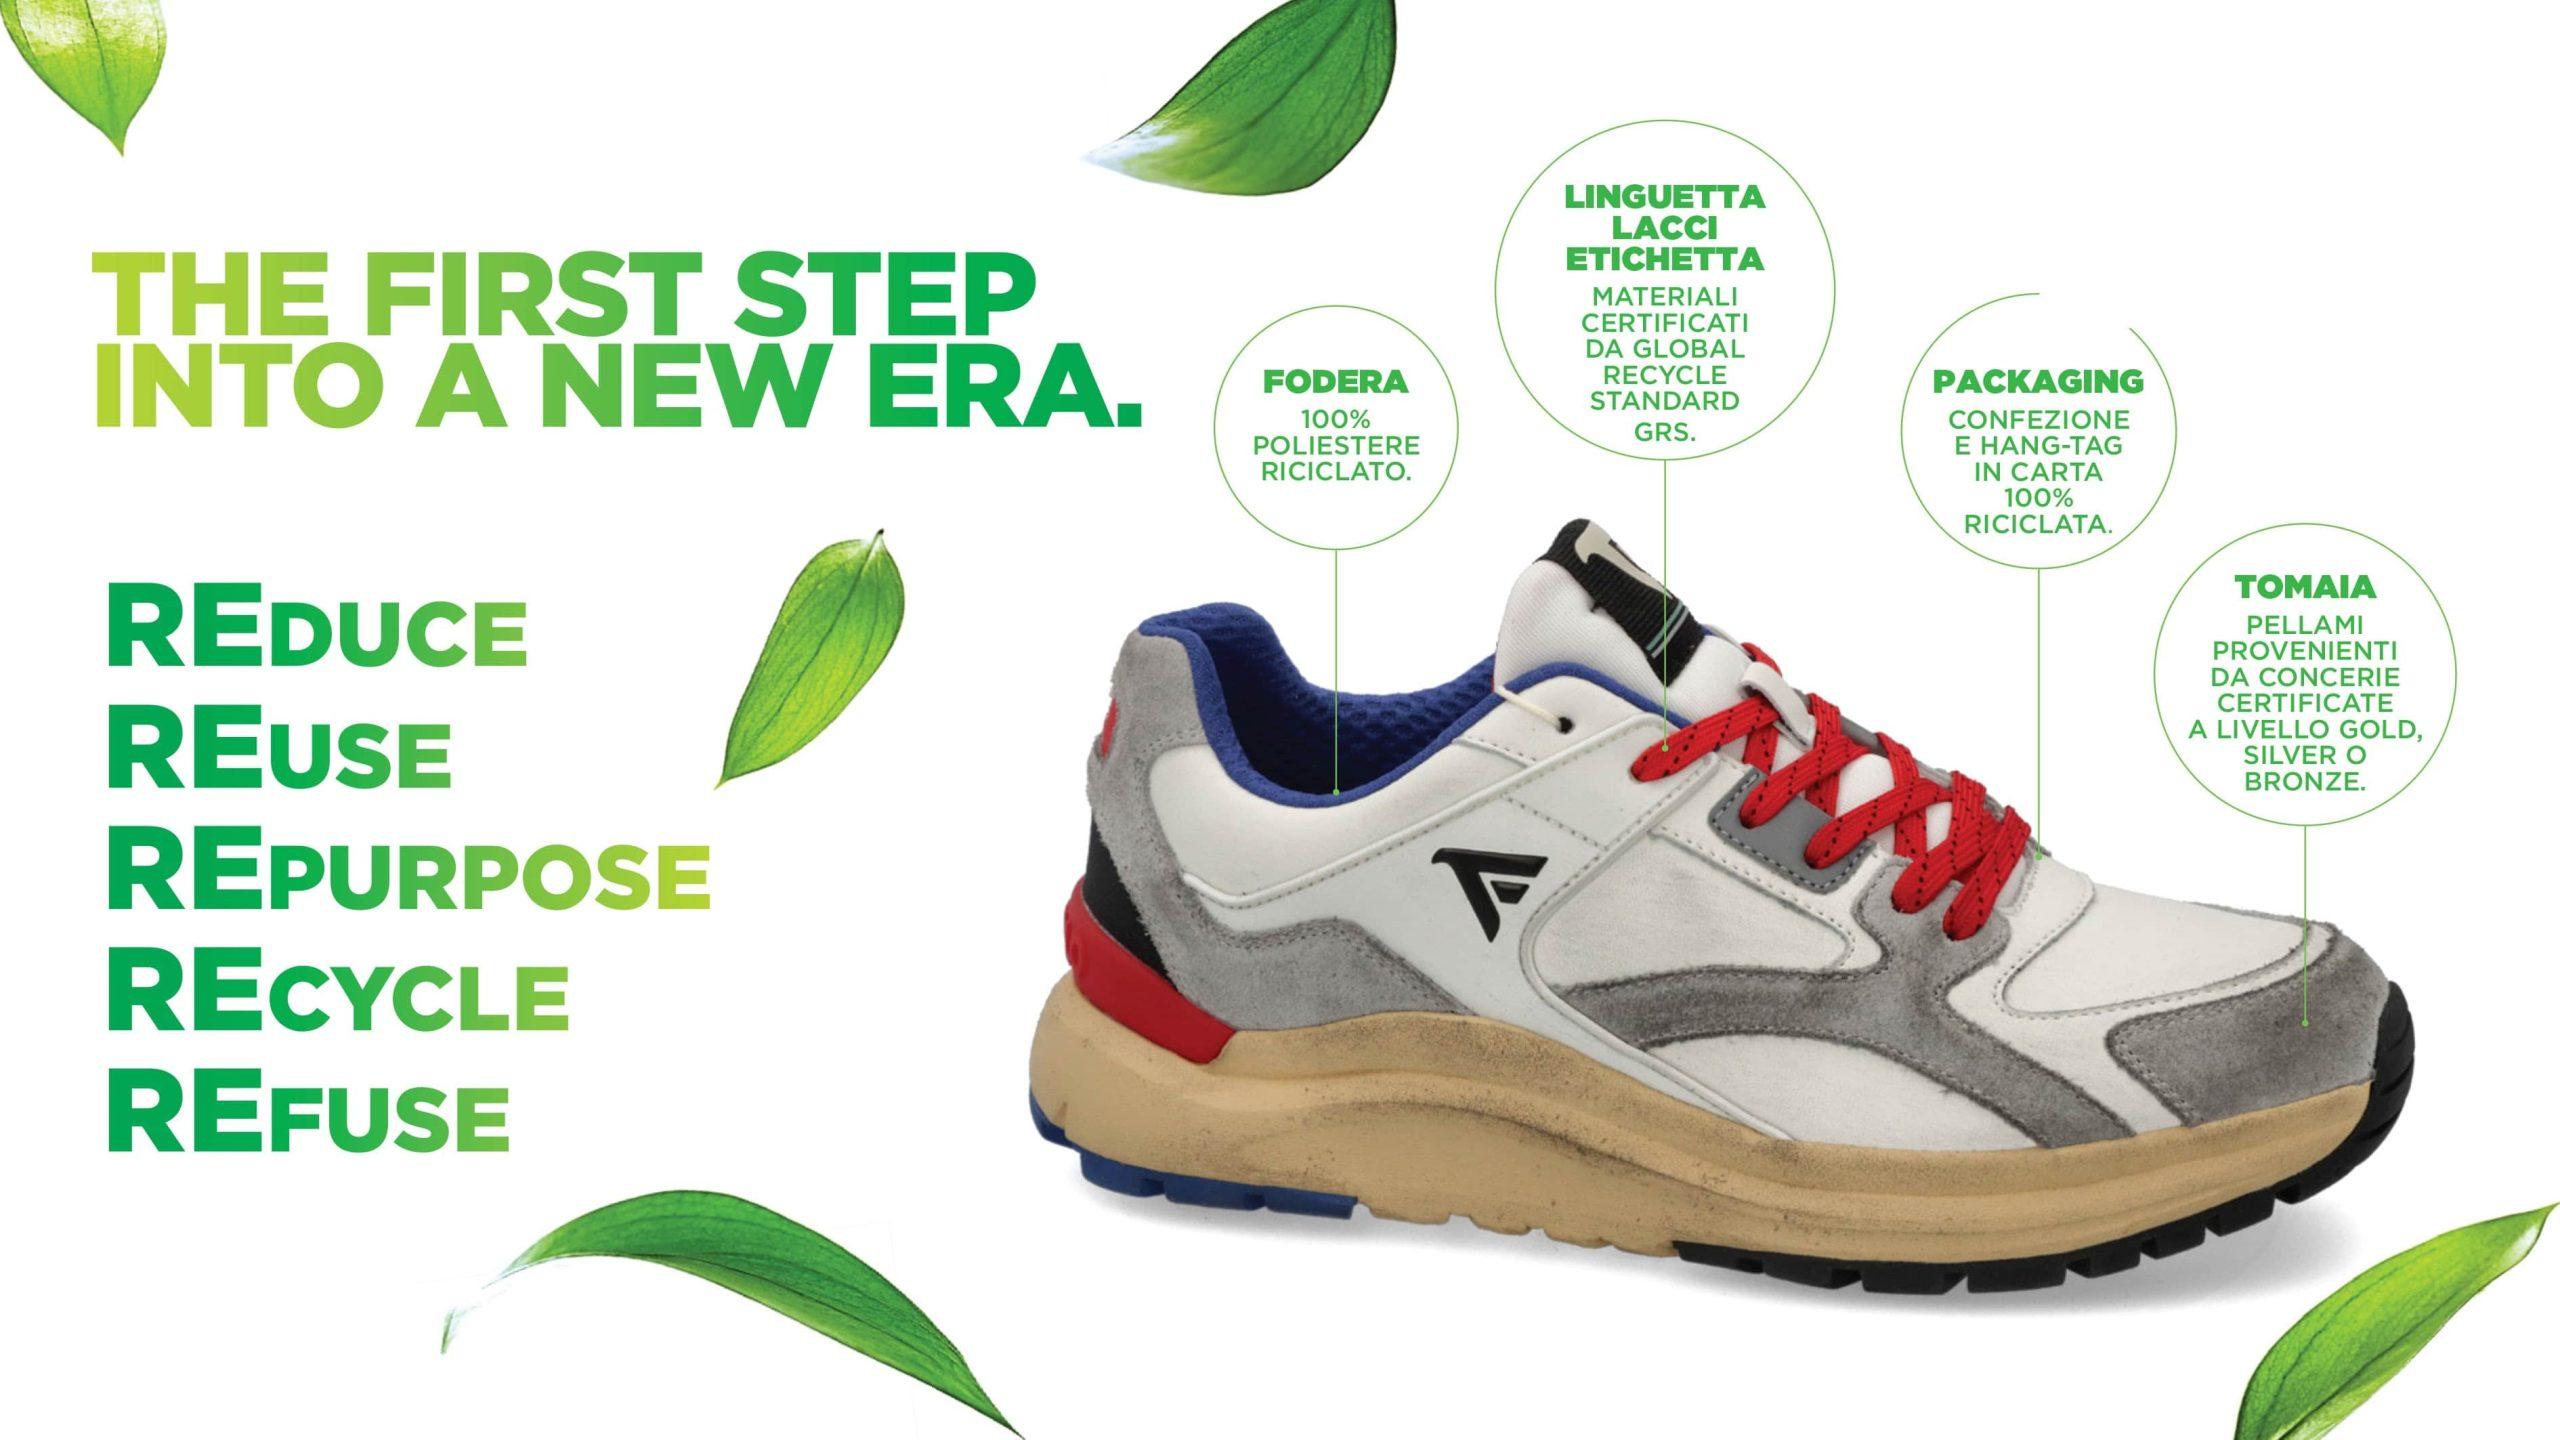 Fred Mello collezione sneaker Autunno-Inverno 2021 2022. Il nuovo modello Licoln Eco-